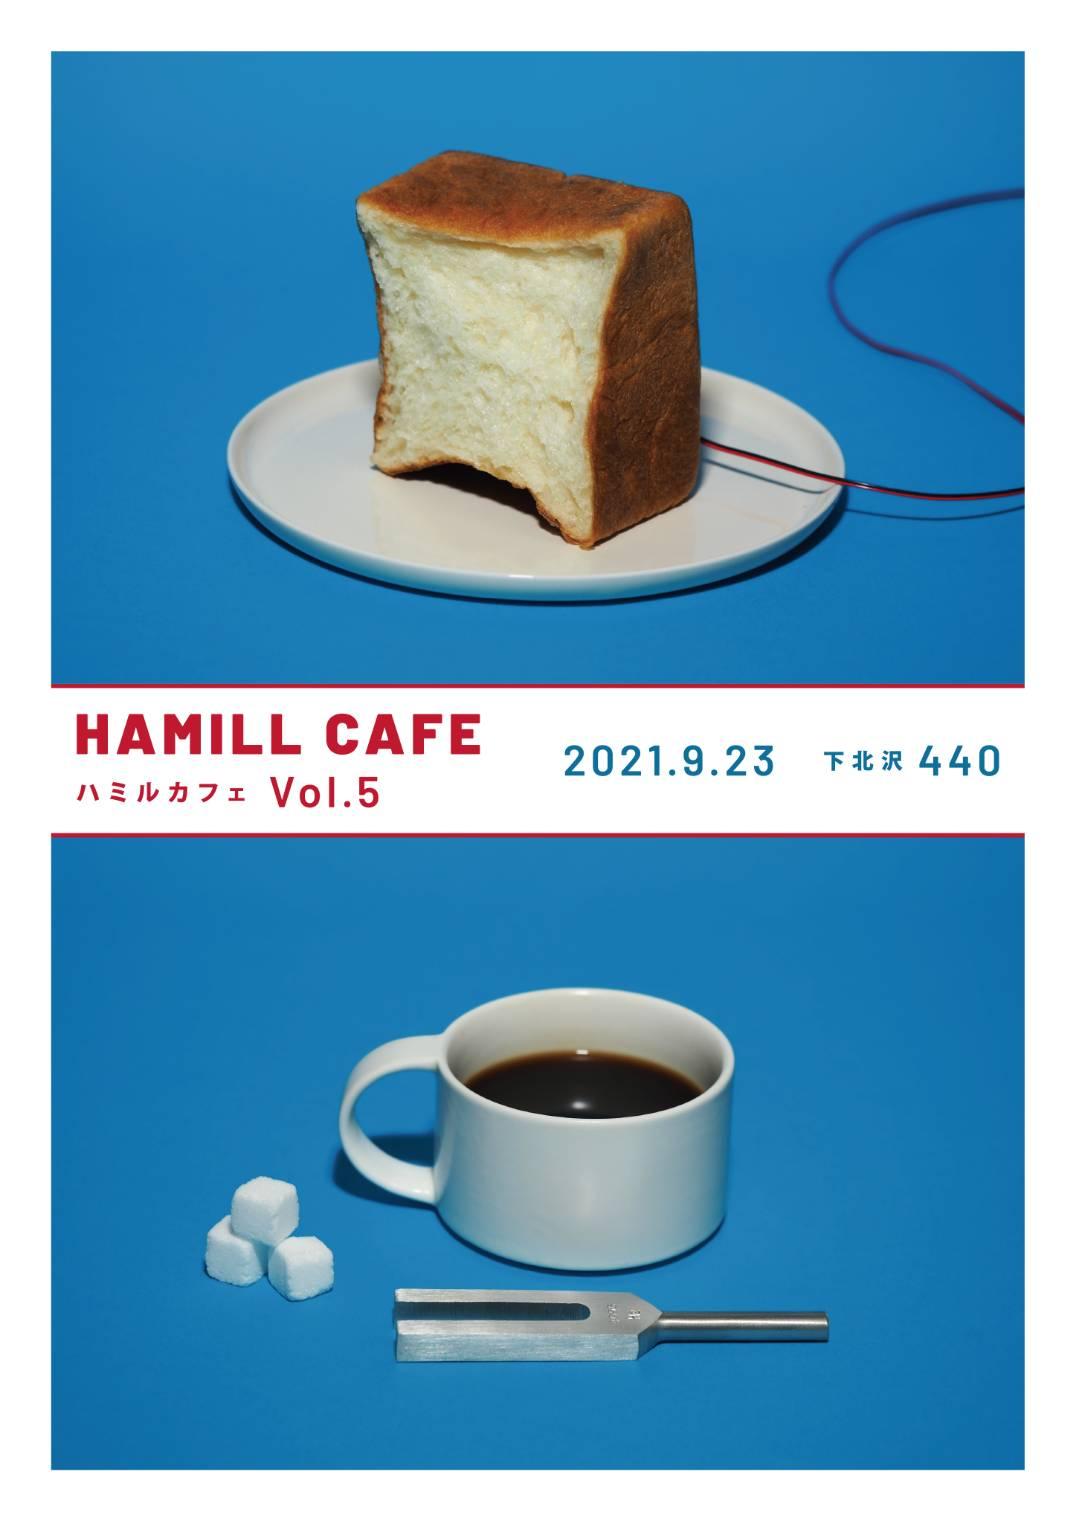 【来場 生配信】ドレミハミル ハミルカフェ vol.5